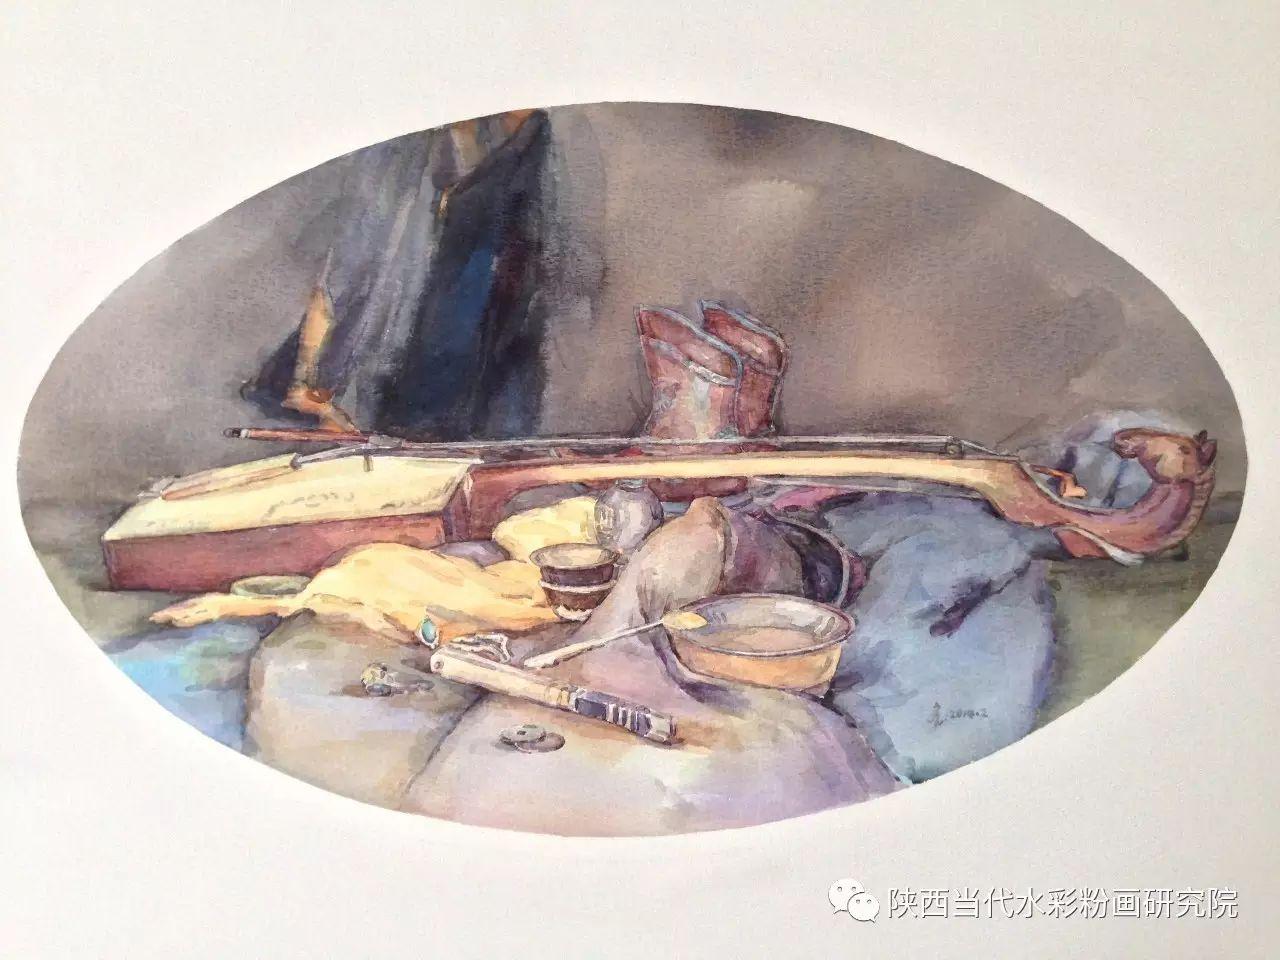 格日乐作品 | 内蒙古艺术家水彩画作品专题微展第24集(总第1121期) 第13张 格日乐作品 | 内蒙古艺术家水彩画作品专题微展第24集(总第1121期) 蒙古画廊